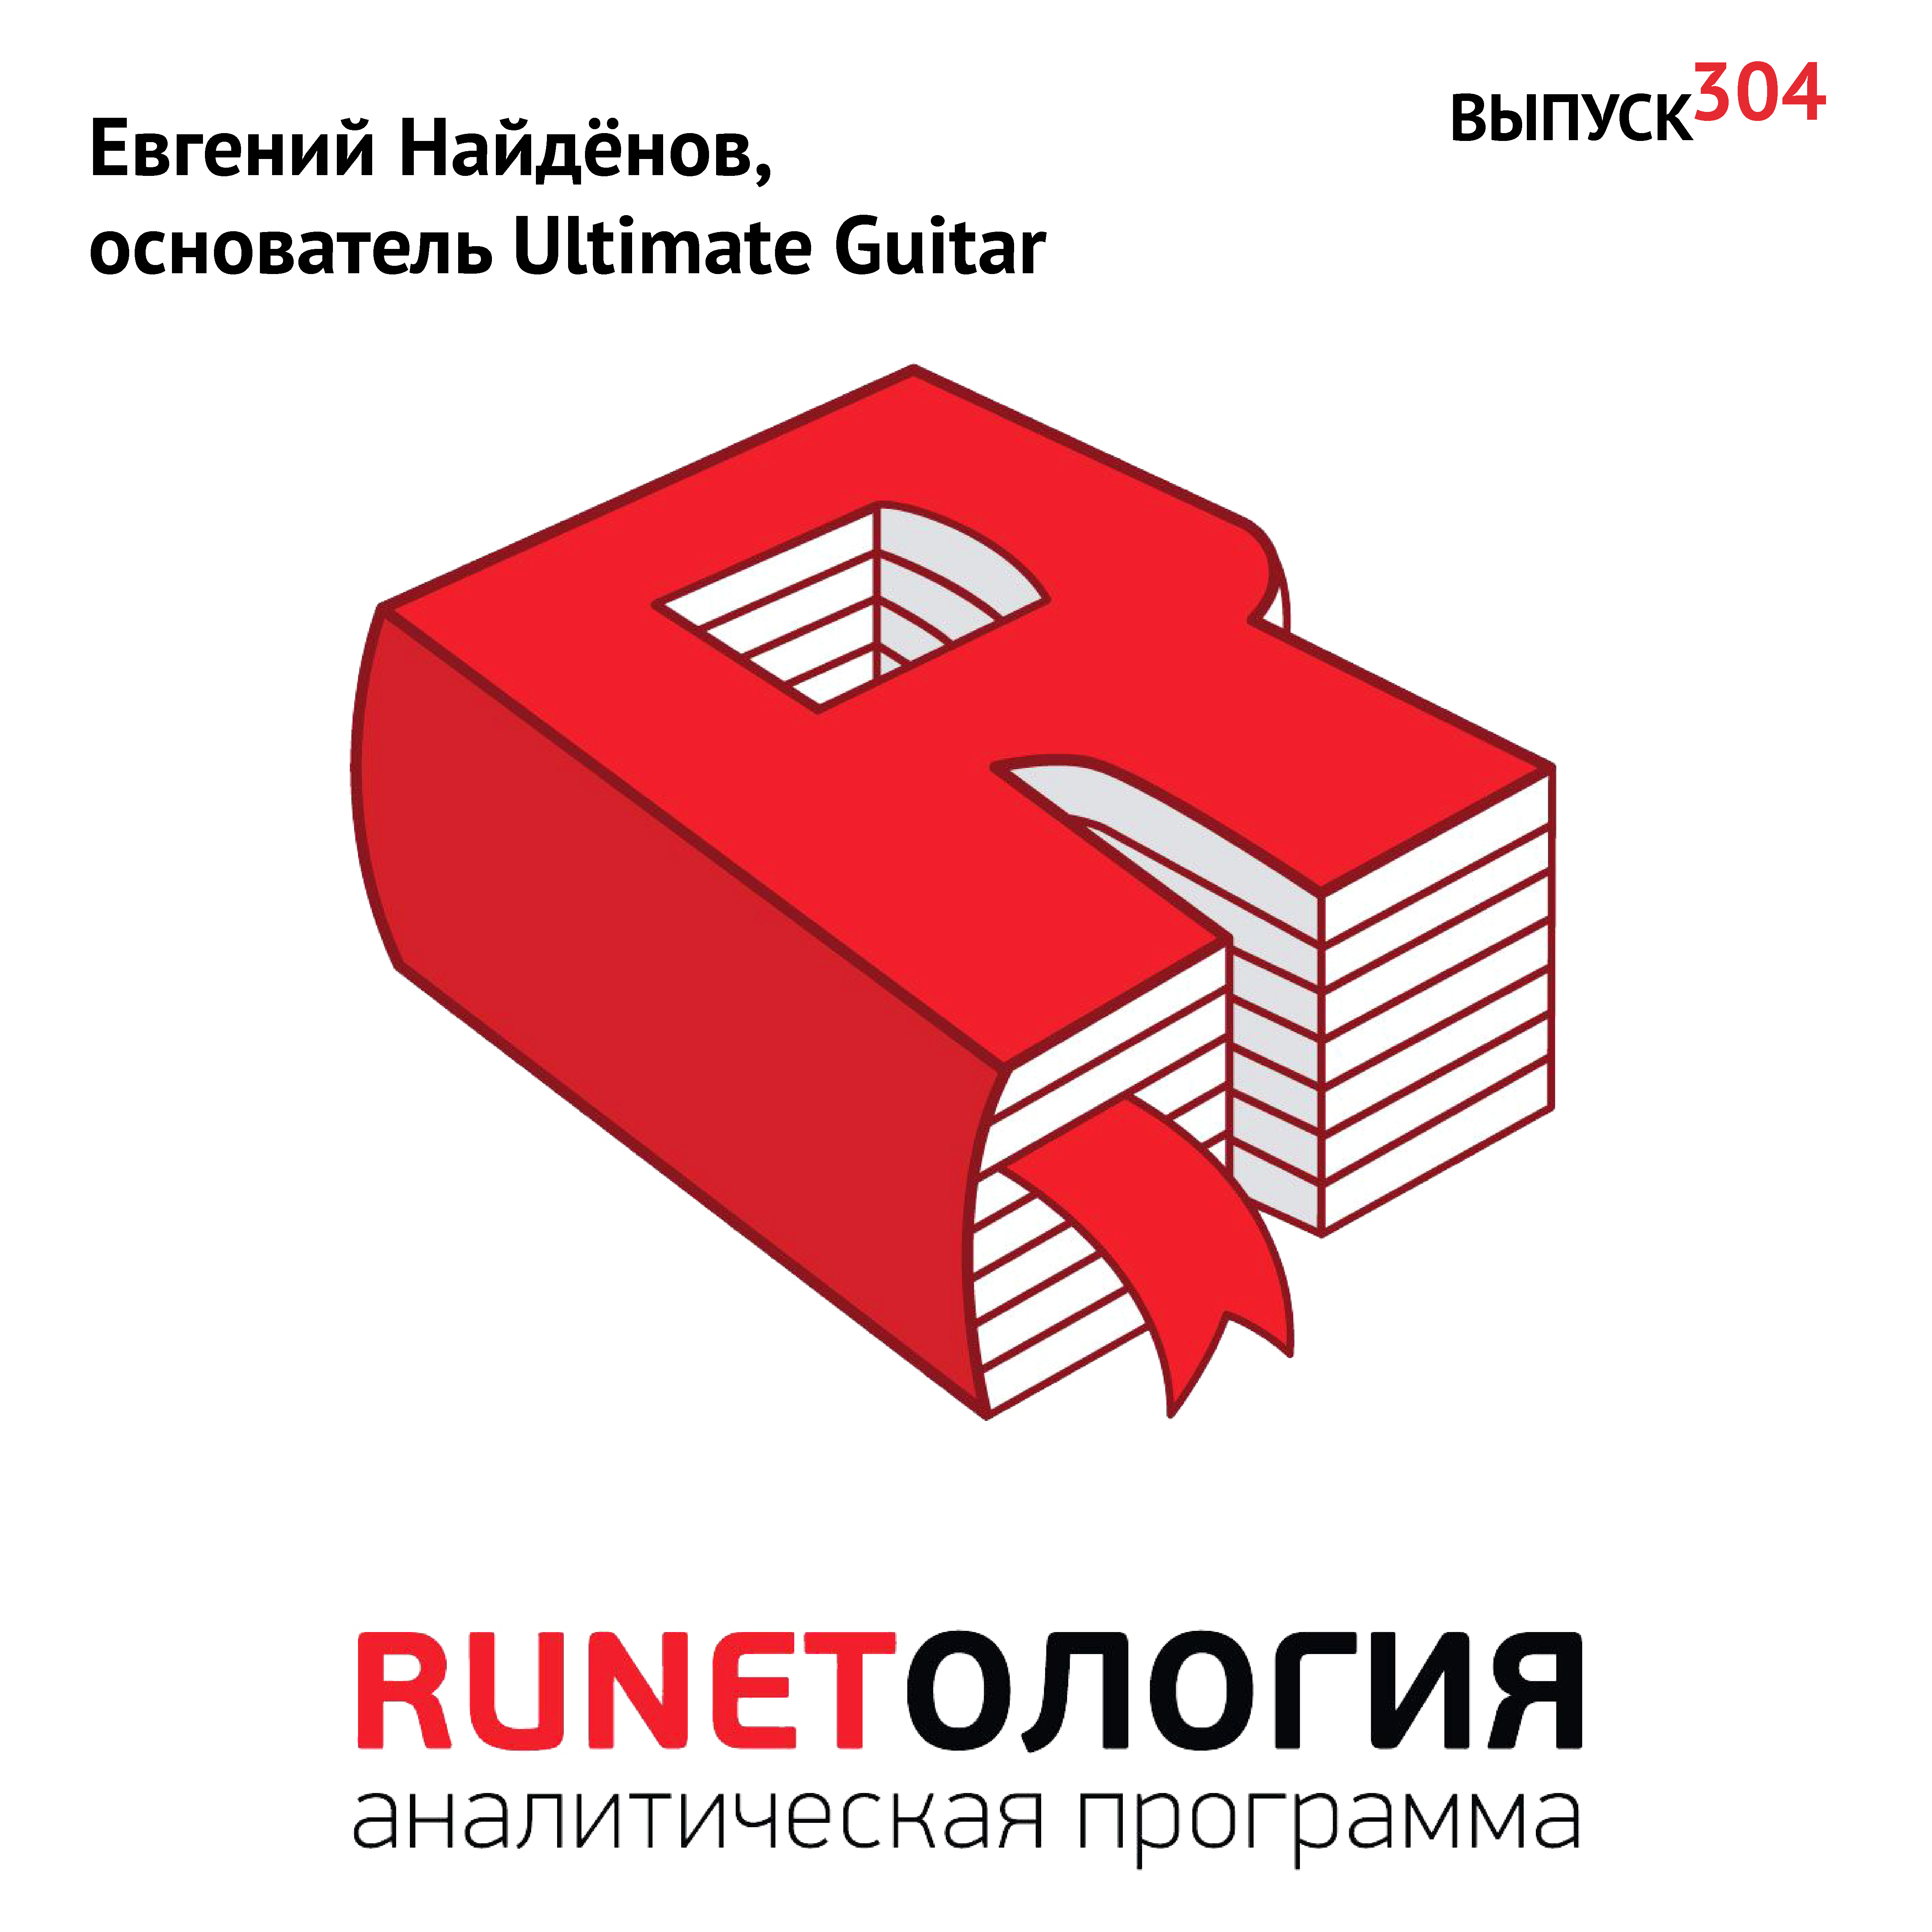 Максим Спиридонов Евгений Найдёнов, основатель Ultimate Guitar